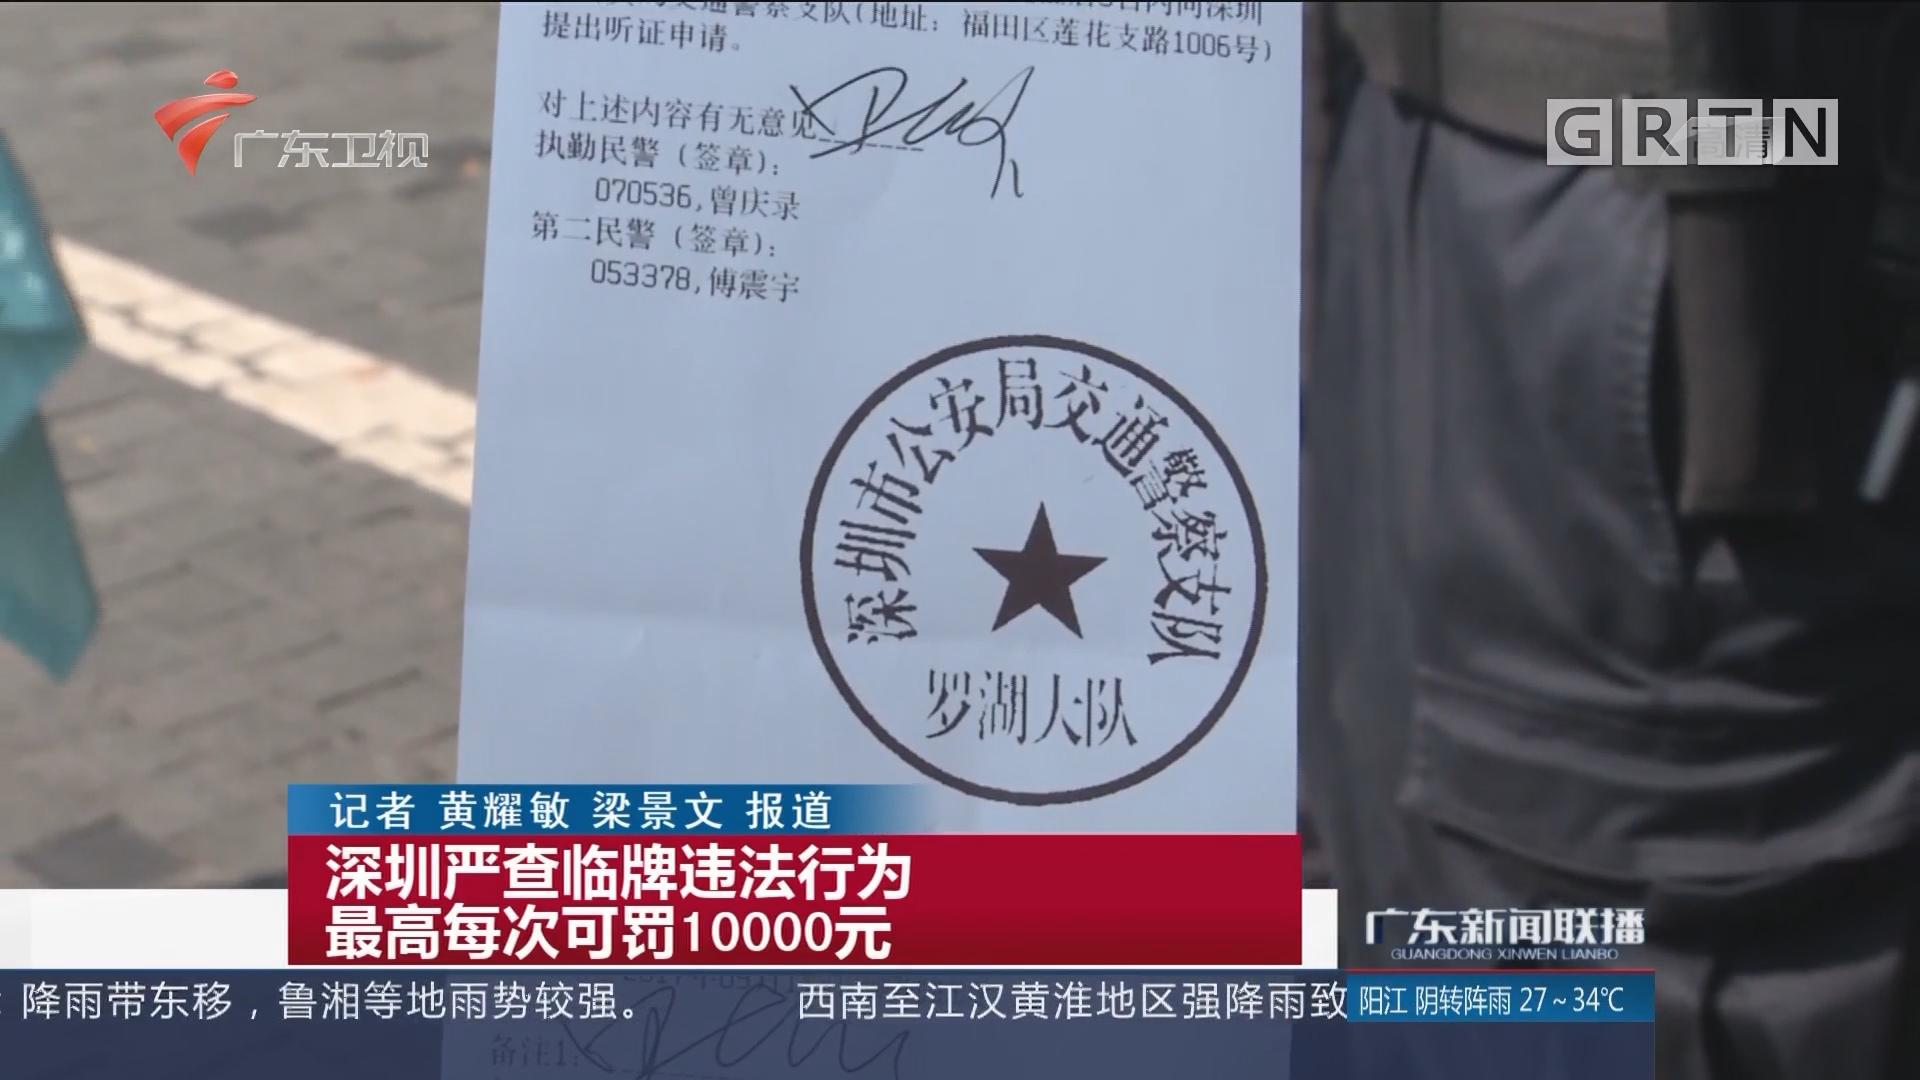 深圳严查临牌违法行为 最高每次可罚10000元